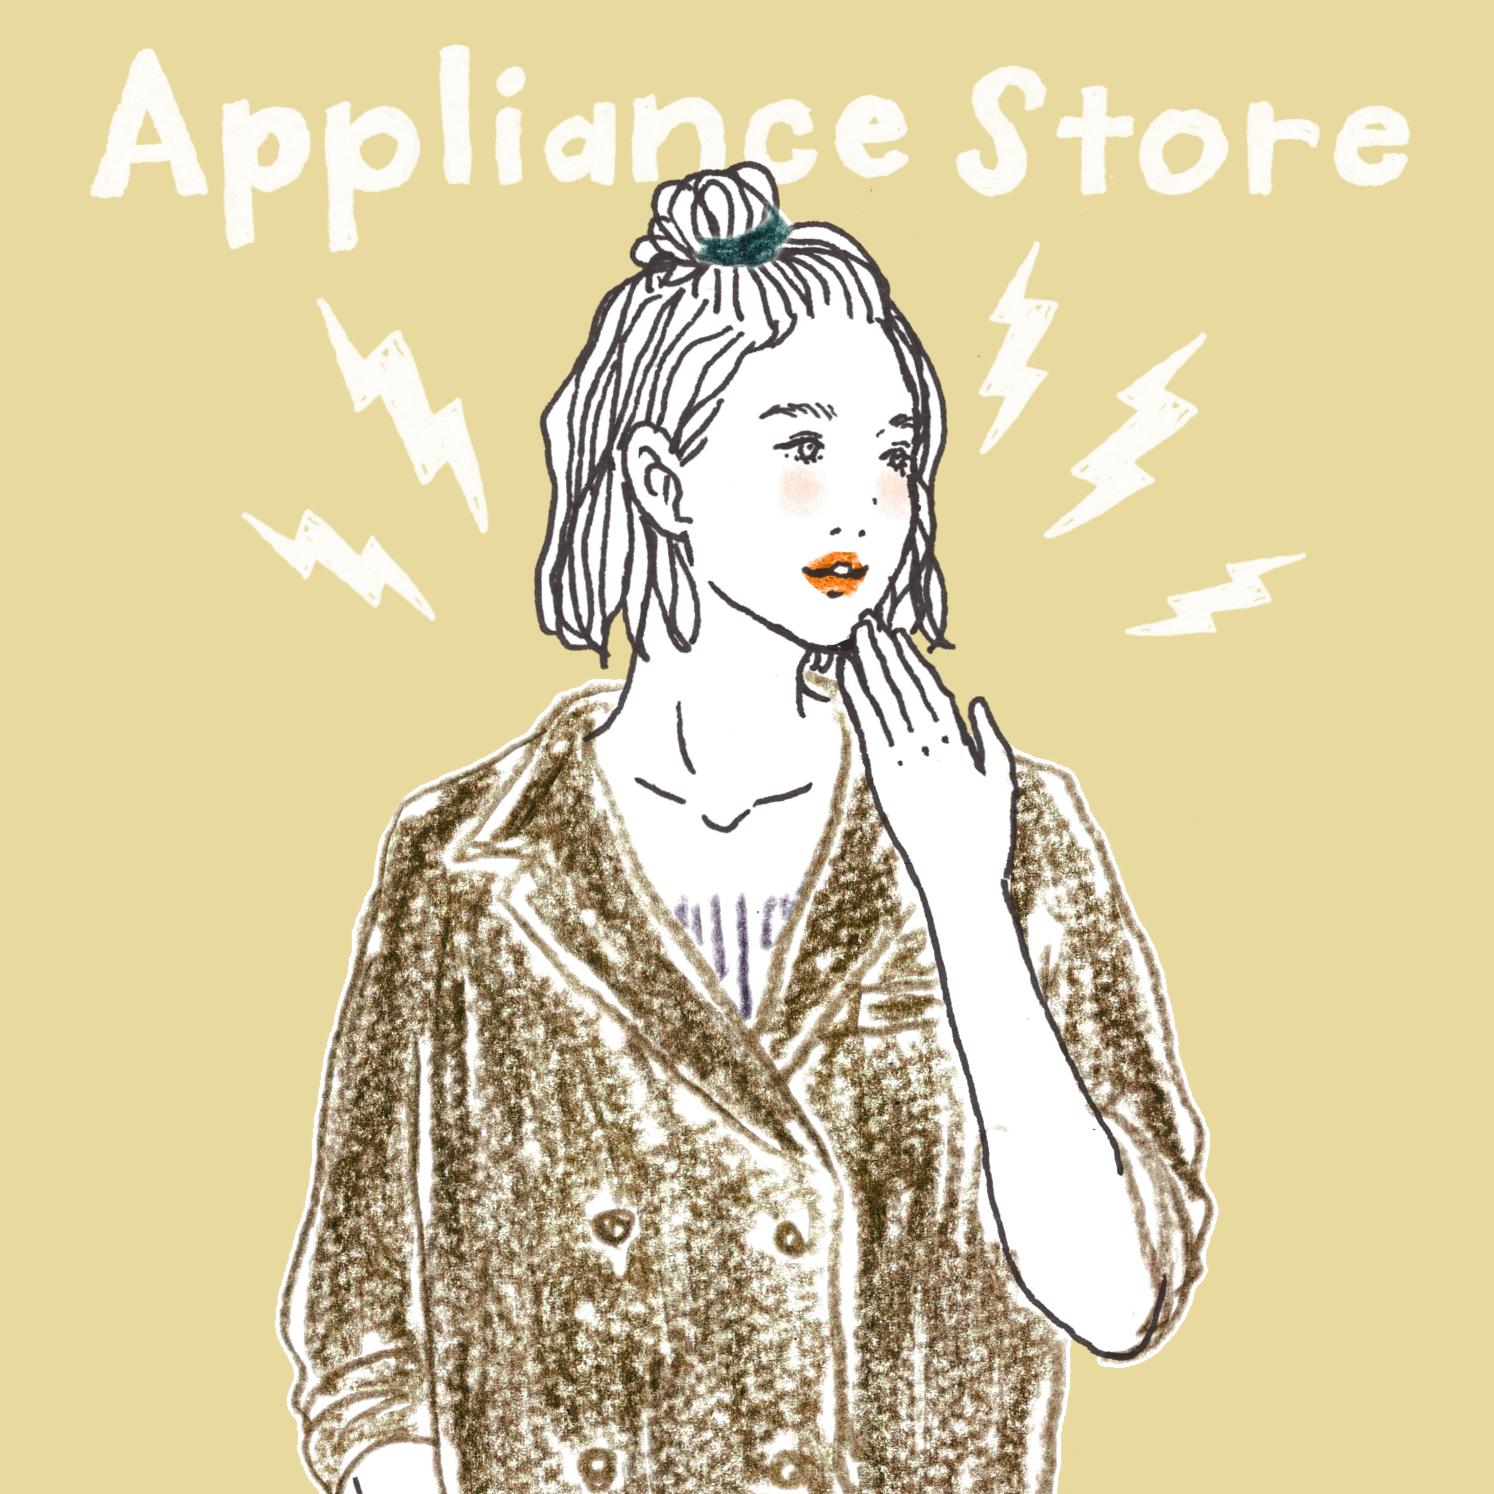 Q:家電量販店に買い物に行ったあなた。色々見ていたら、予定外のものが欲しくなりました。次のうちどれでしたか?